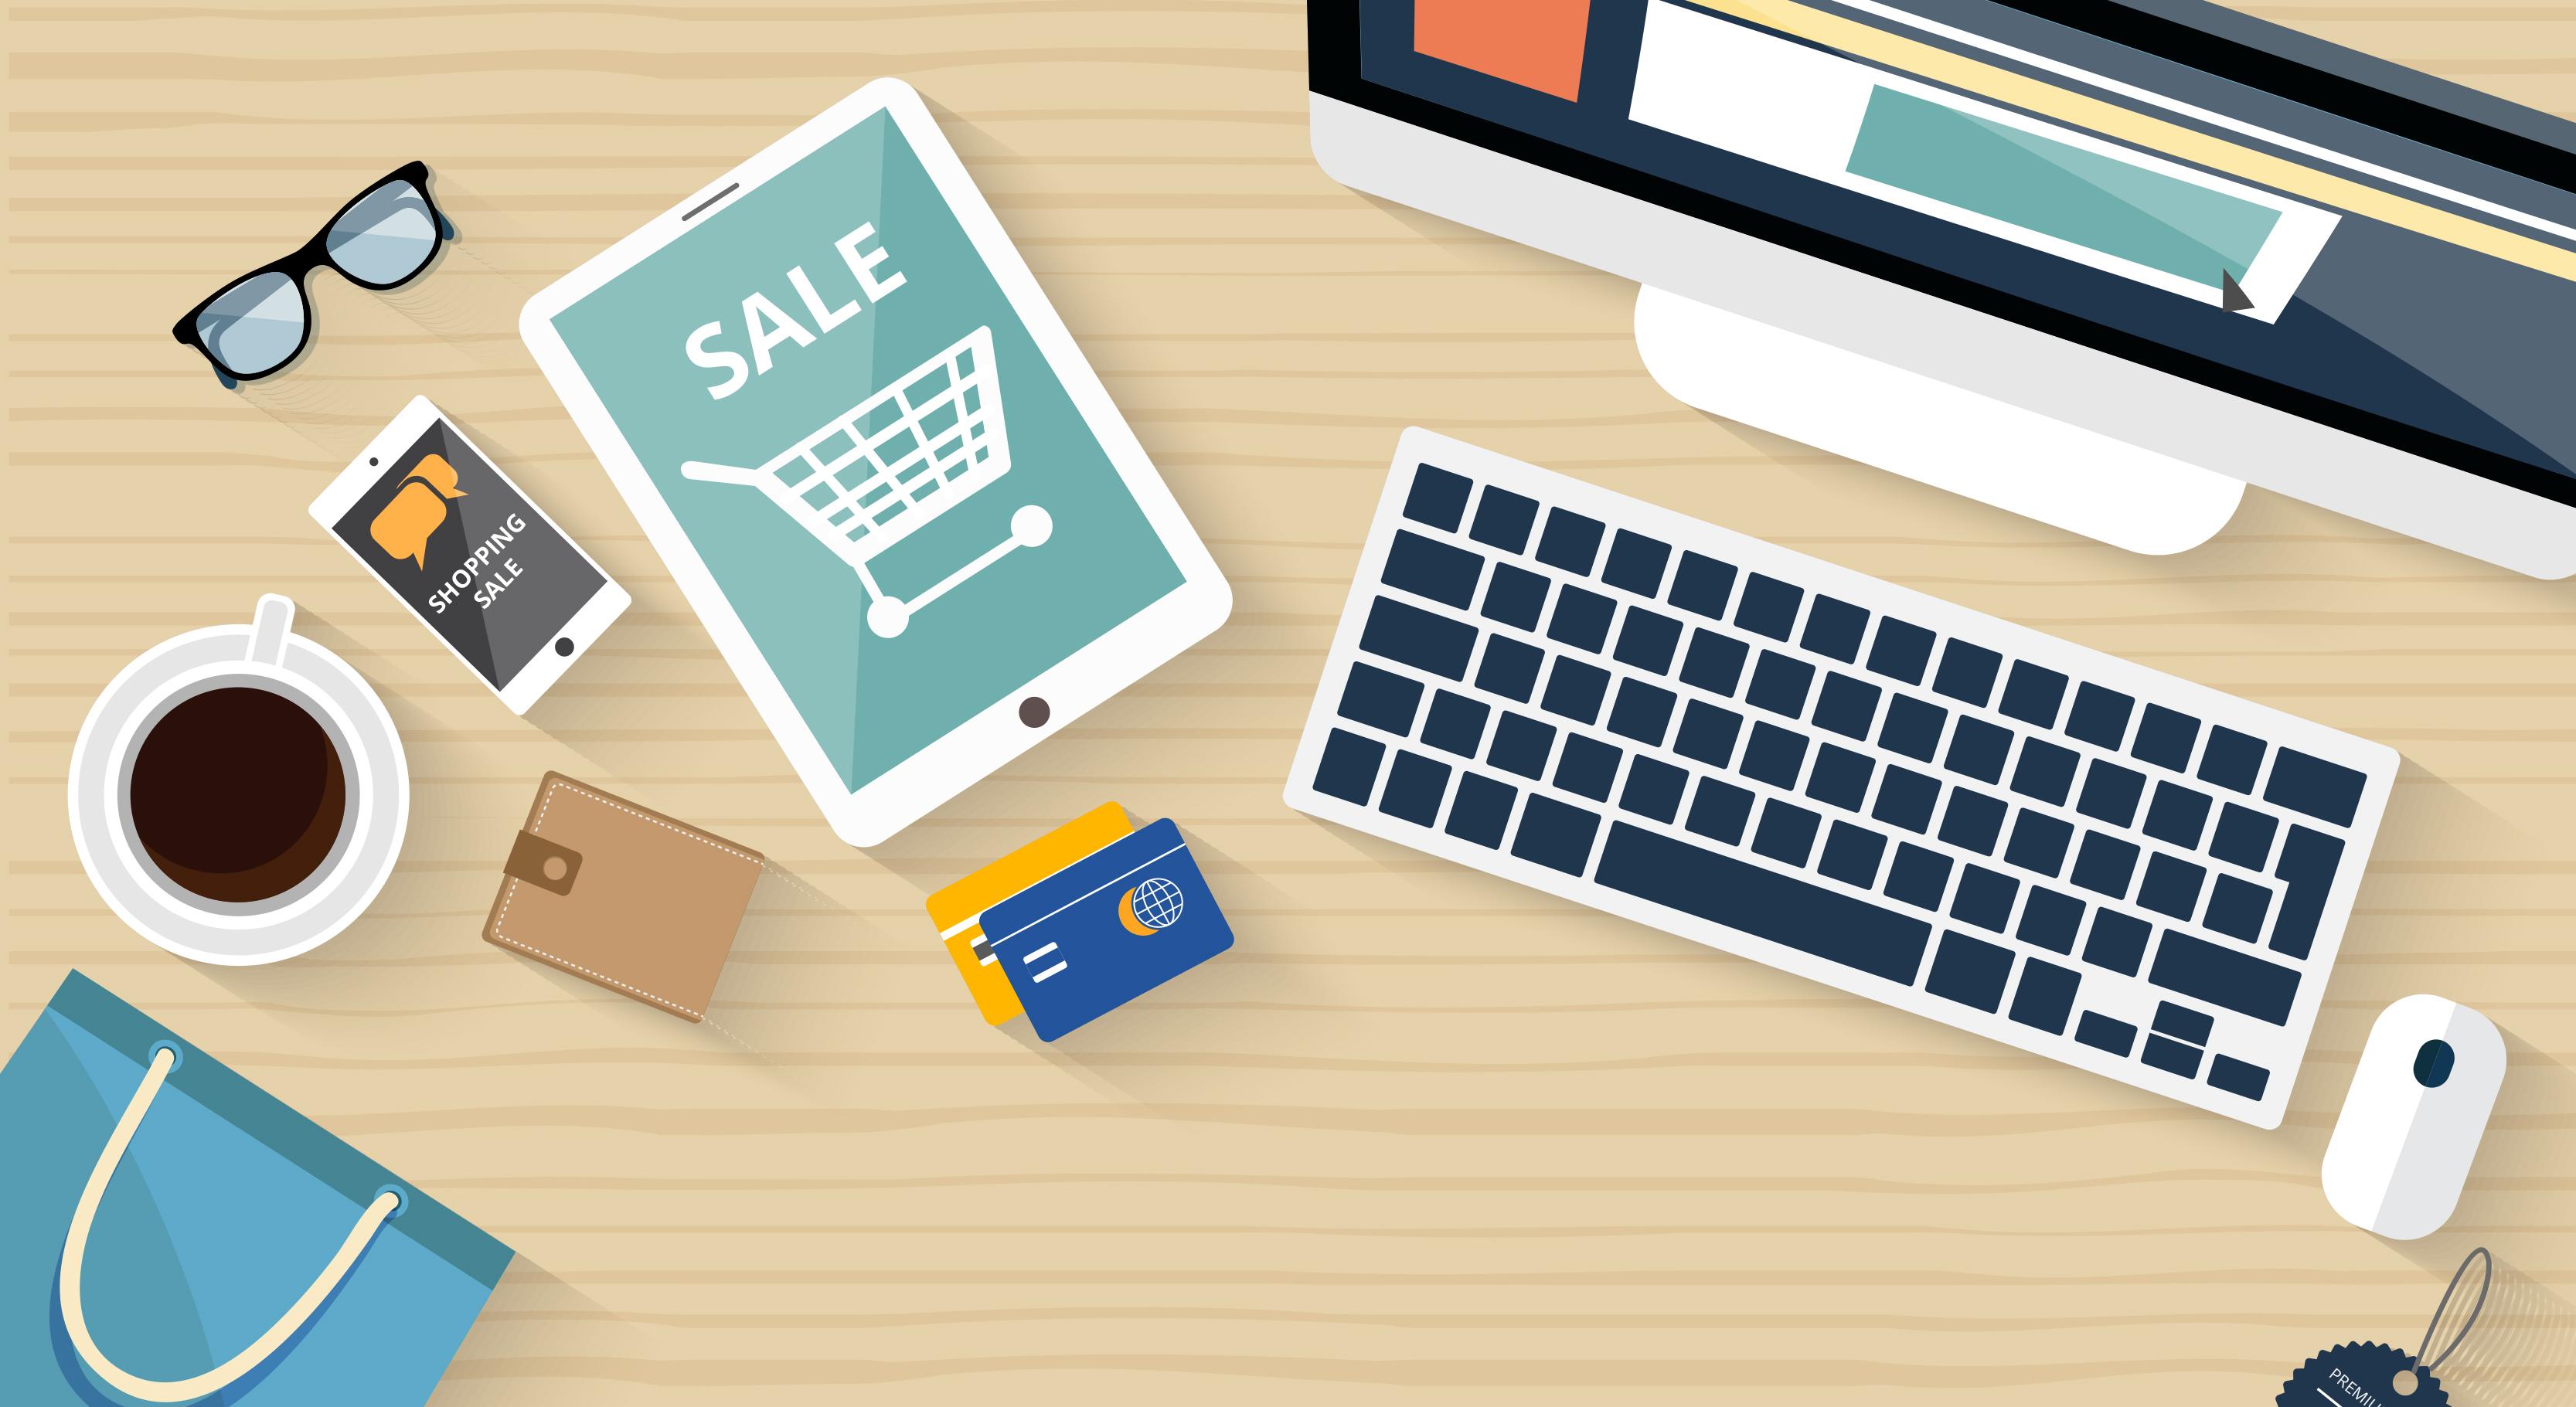 Cách xây dựng hệ thống bán hàng online hiệu quả và hoàn toàn tự động